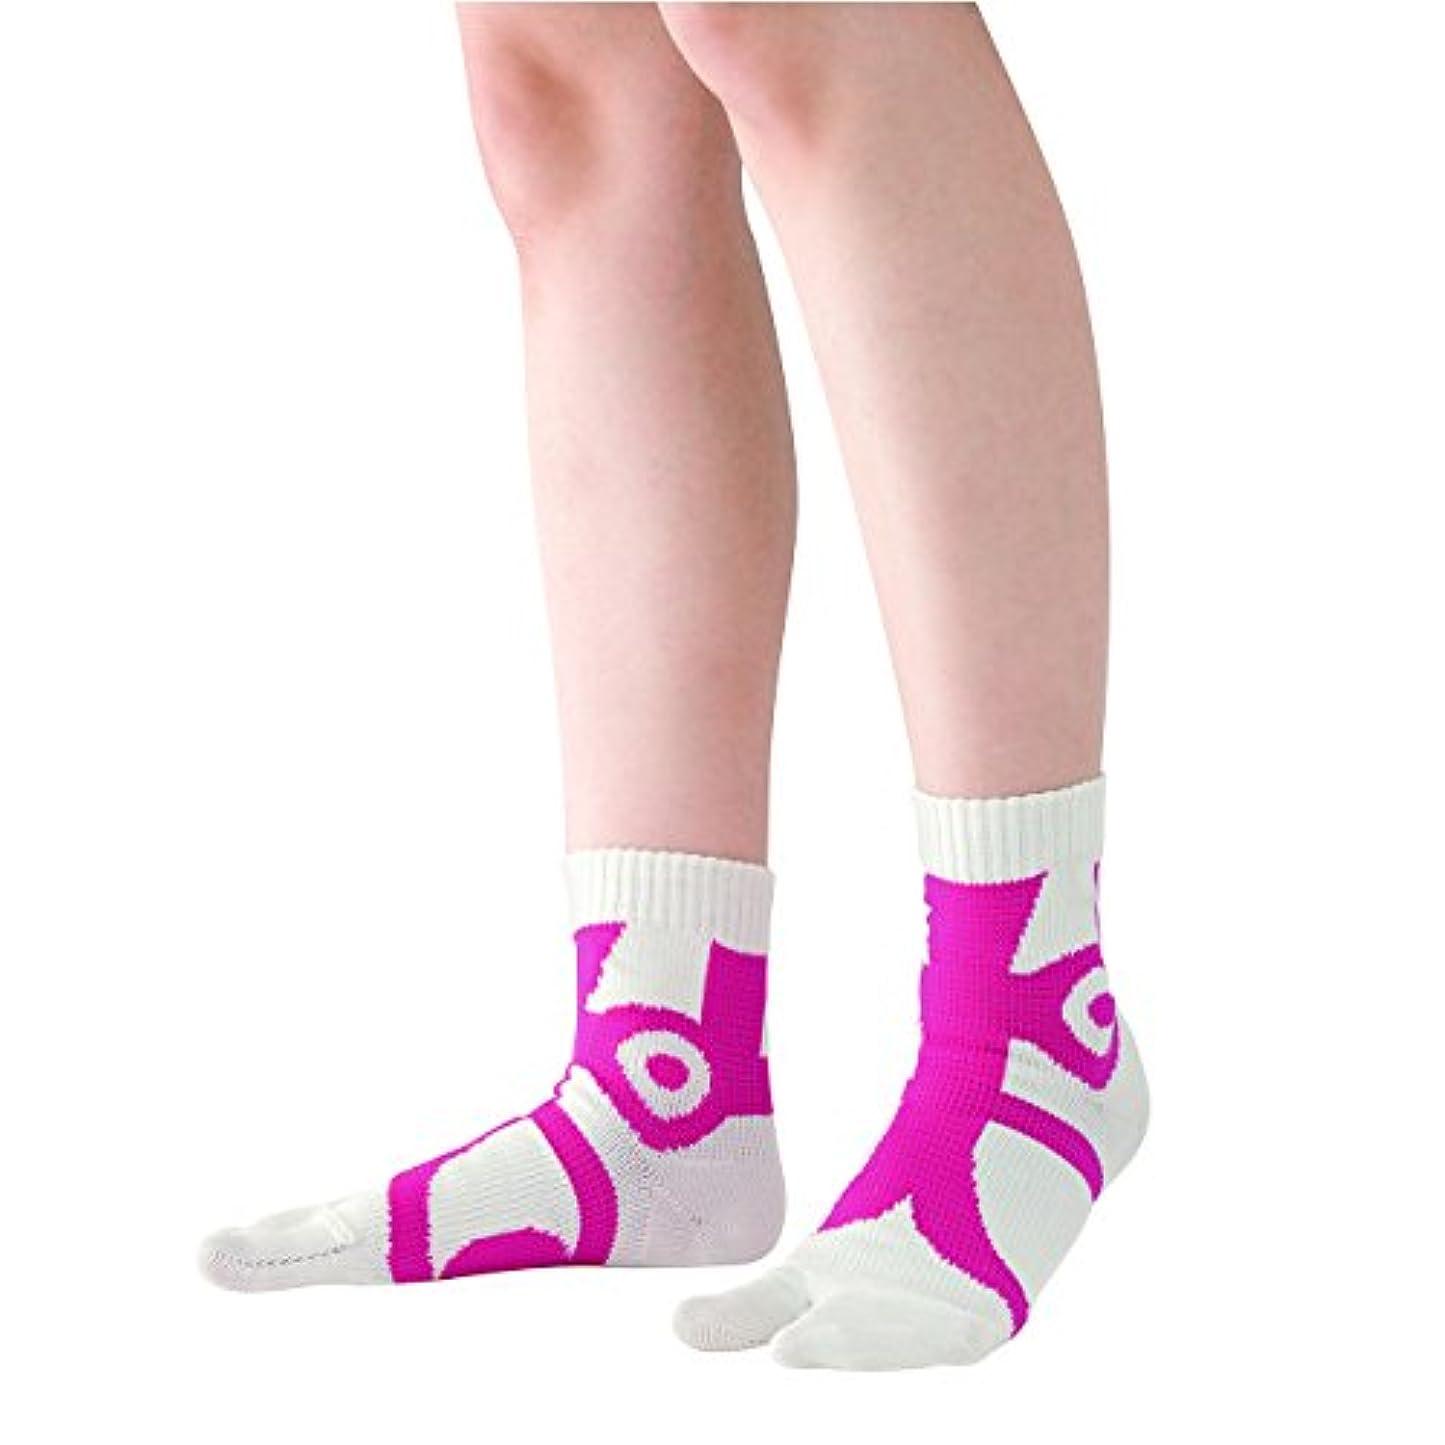 教室ここに統計的快歩テーピング靴下 ホワイト×ピンク